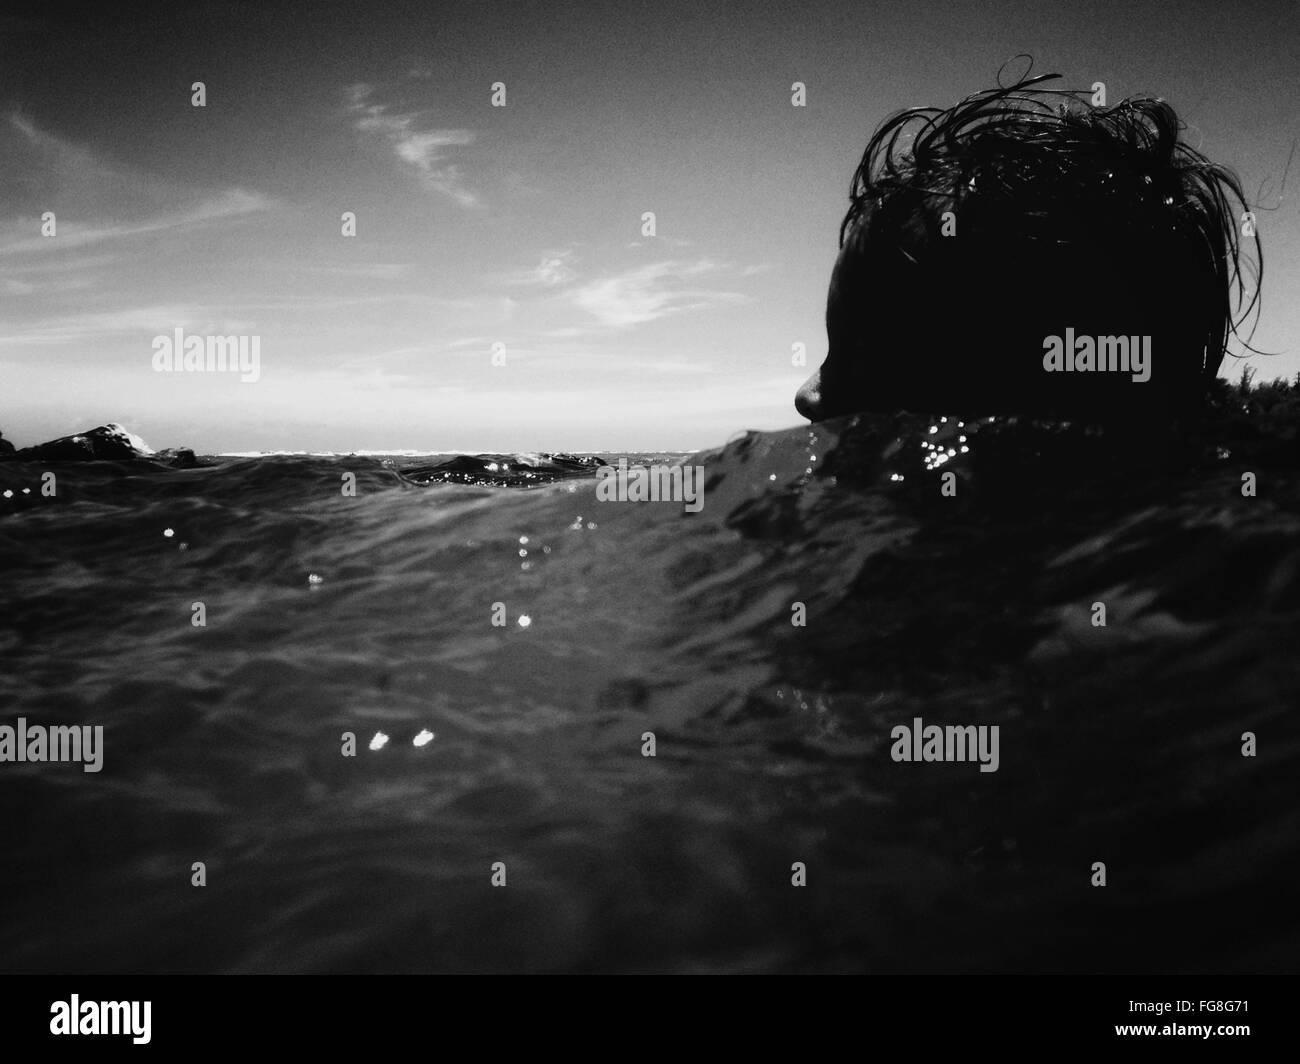 Nivel de superficie de persona en el mar Imagen De Stock